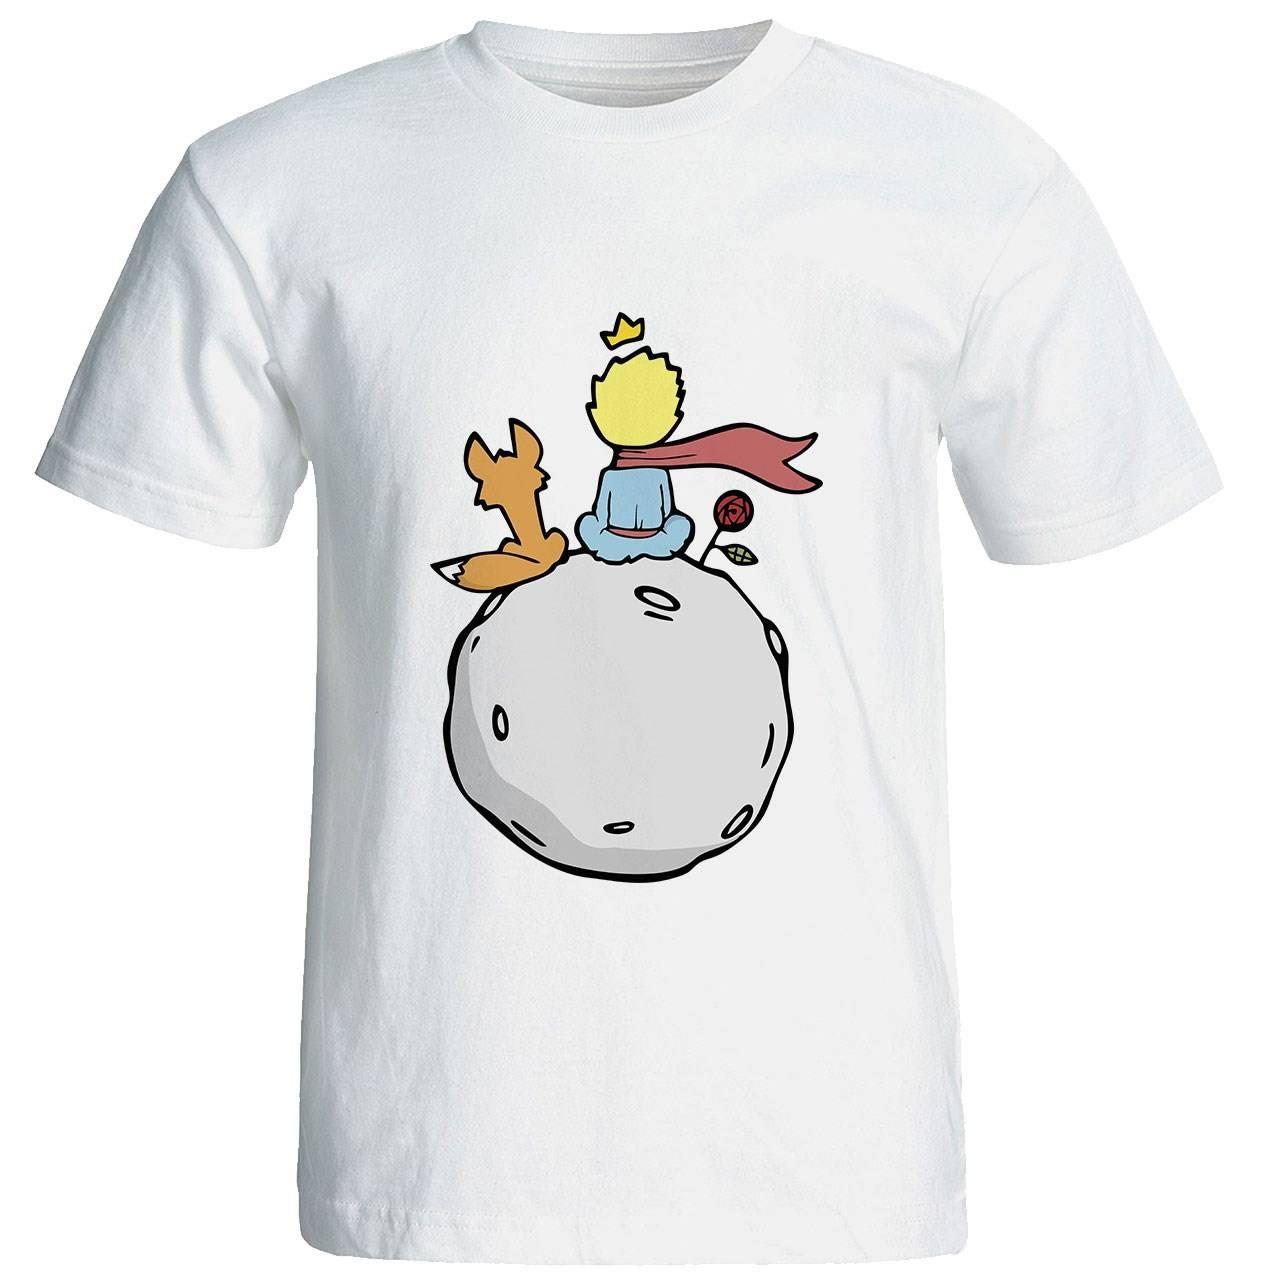 تی شرت آستین کوتاه زنانه طرح شازده کوچولو کد 4138